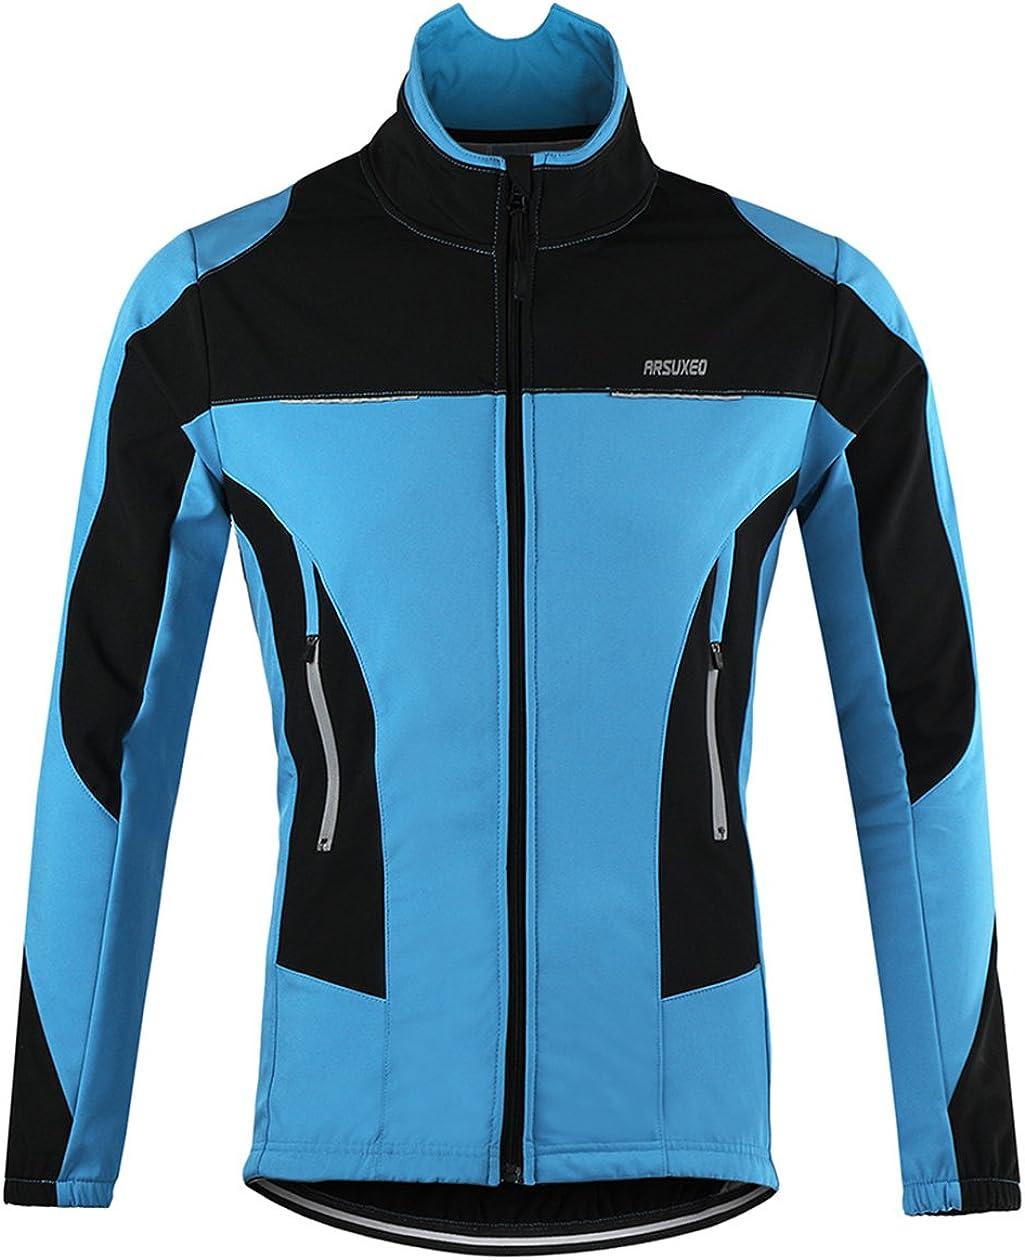 Männer Radfahren Wind Jacke wasserdicht MTB Kleidung reflektierende Windmantel